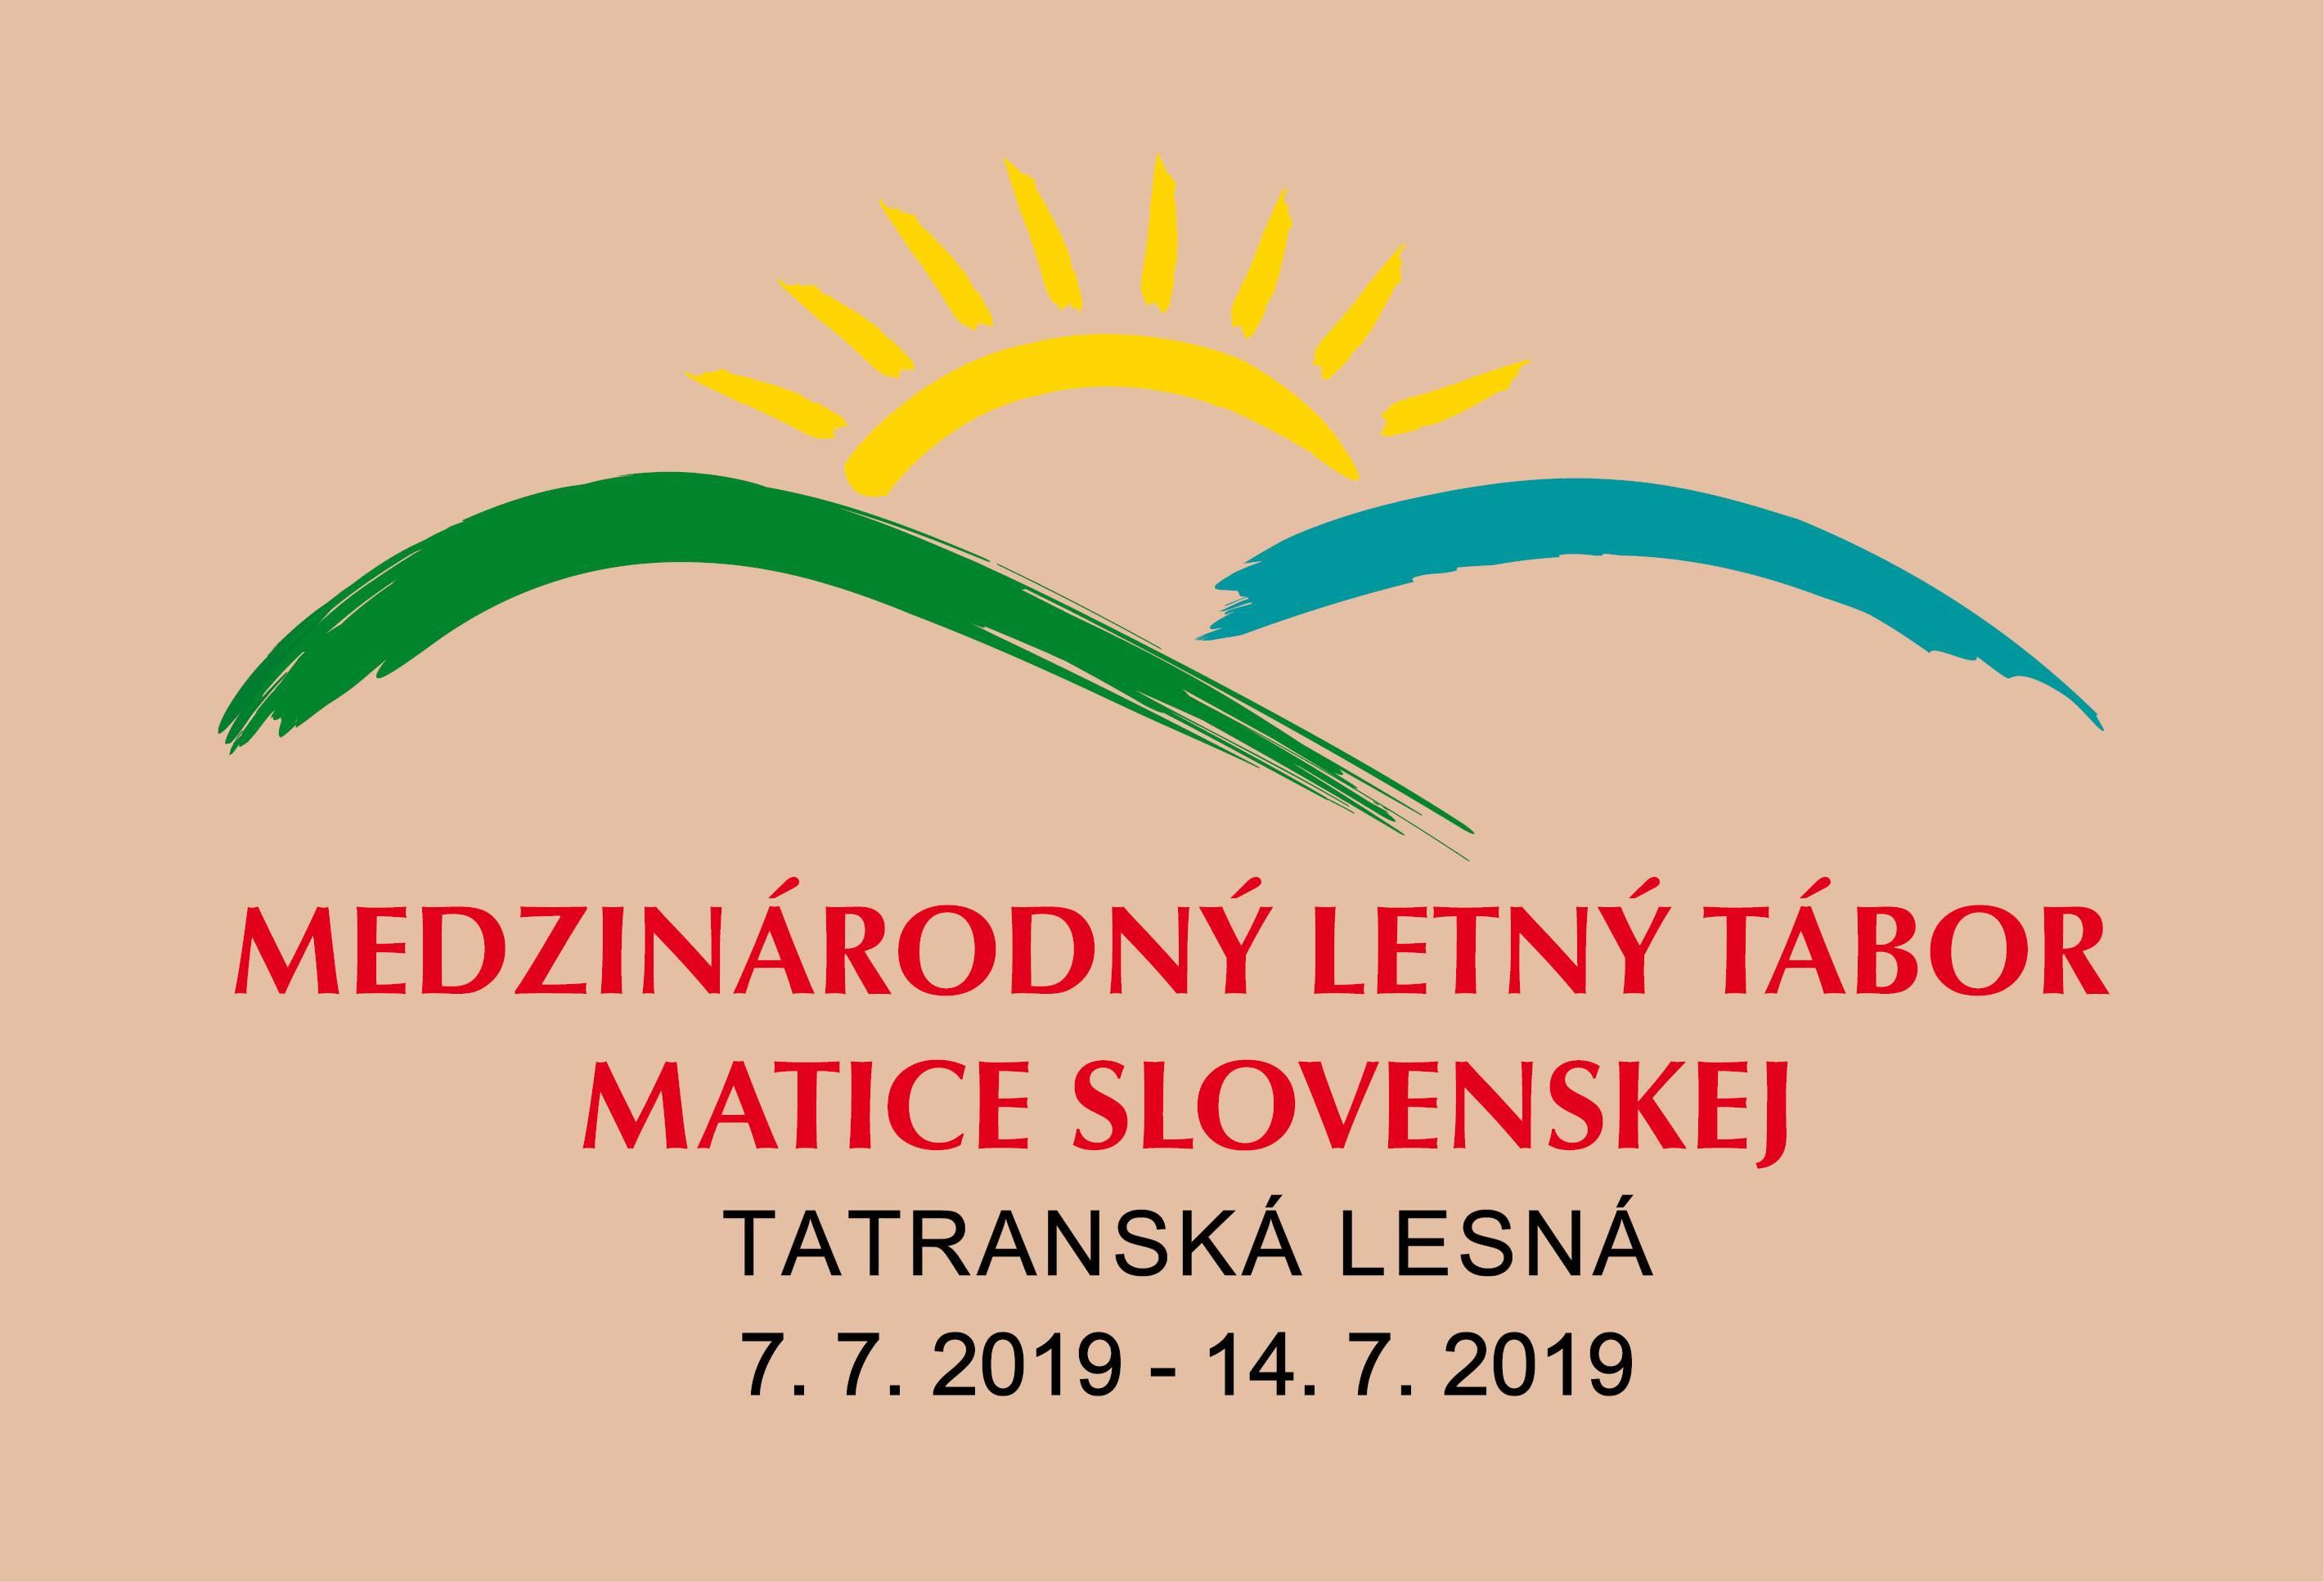 Medzinárodný letný tábor Matice slovenskej